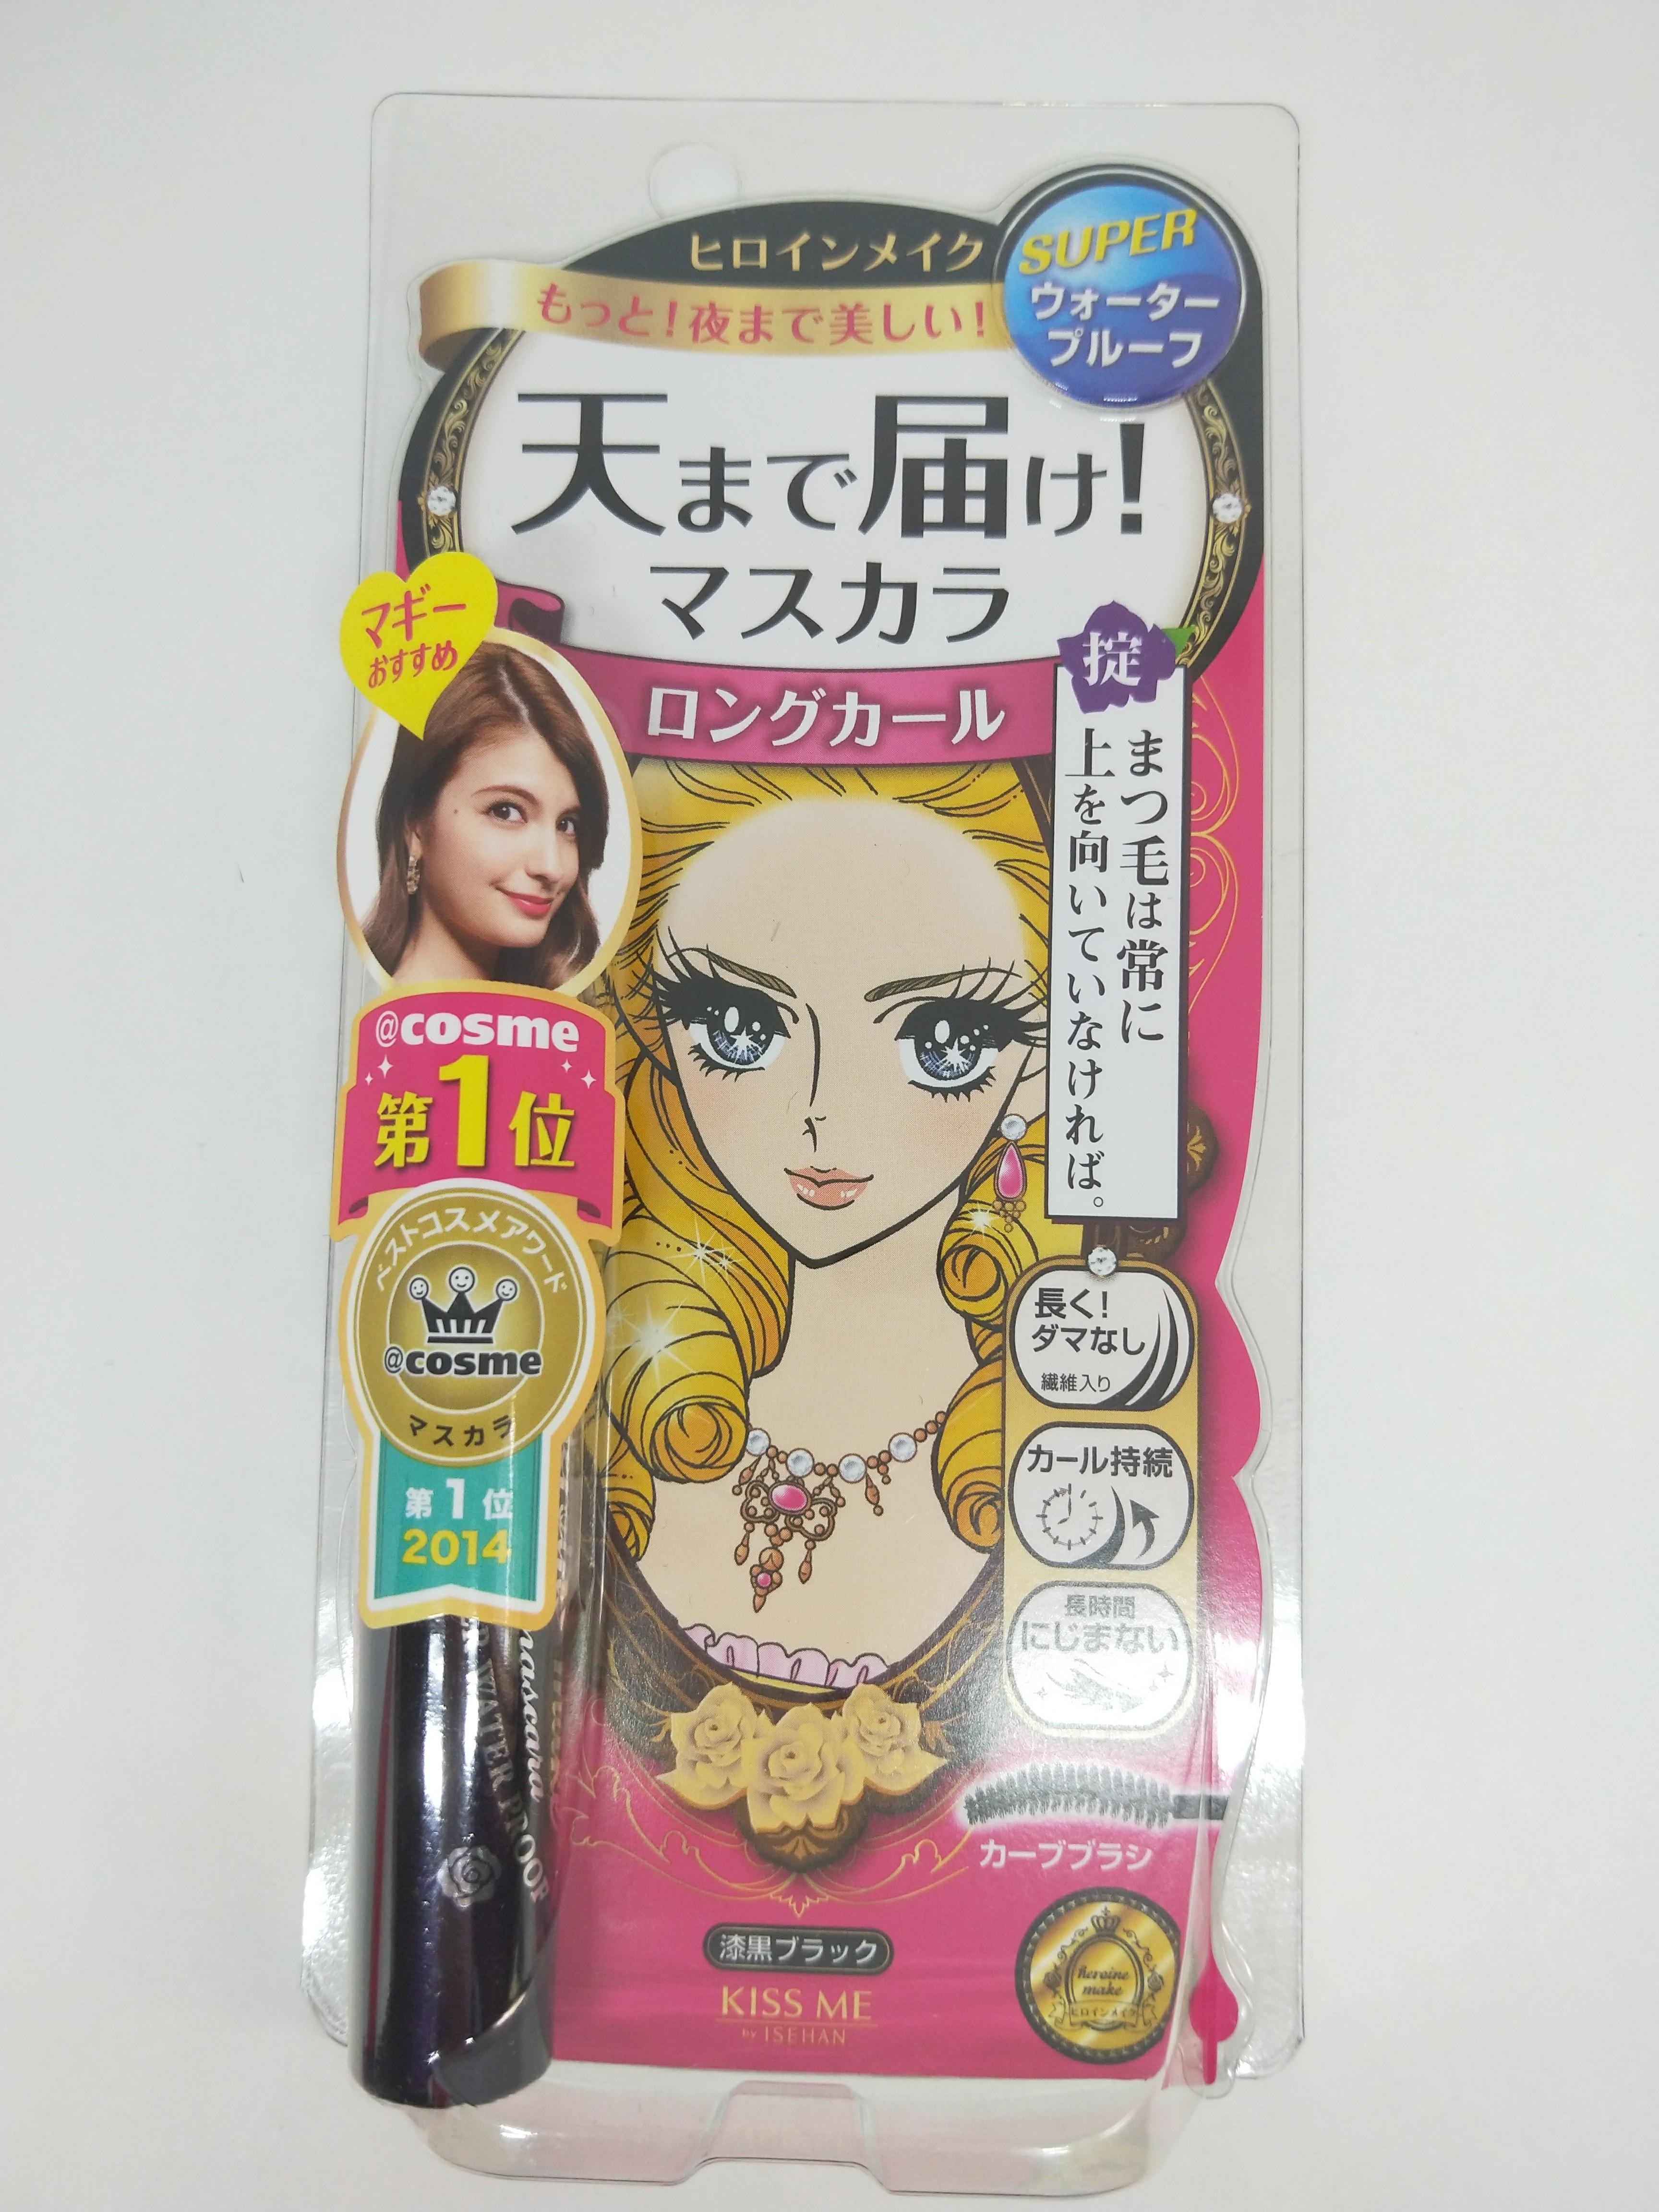 Isehan KISS ME Heroine Make Long & Curl Black Mascara 6g Waterproof Japan Beauty